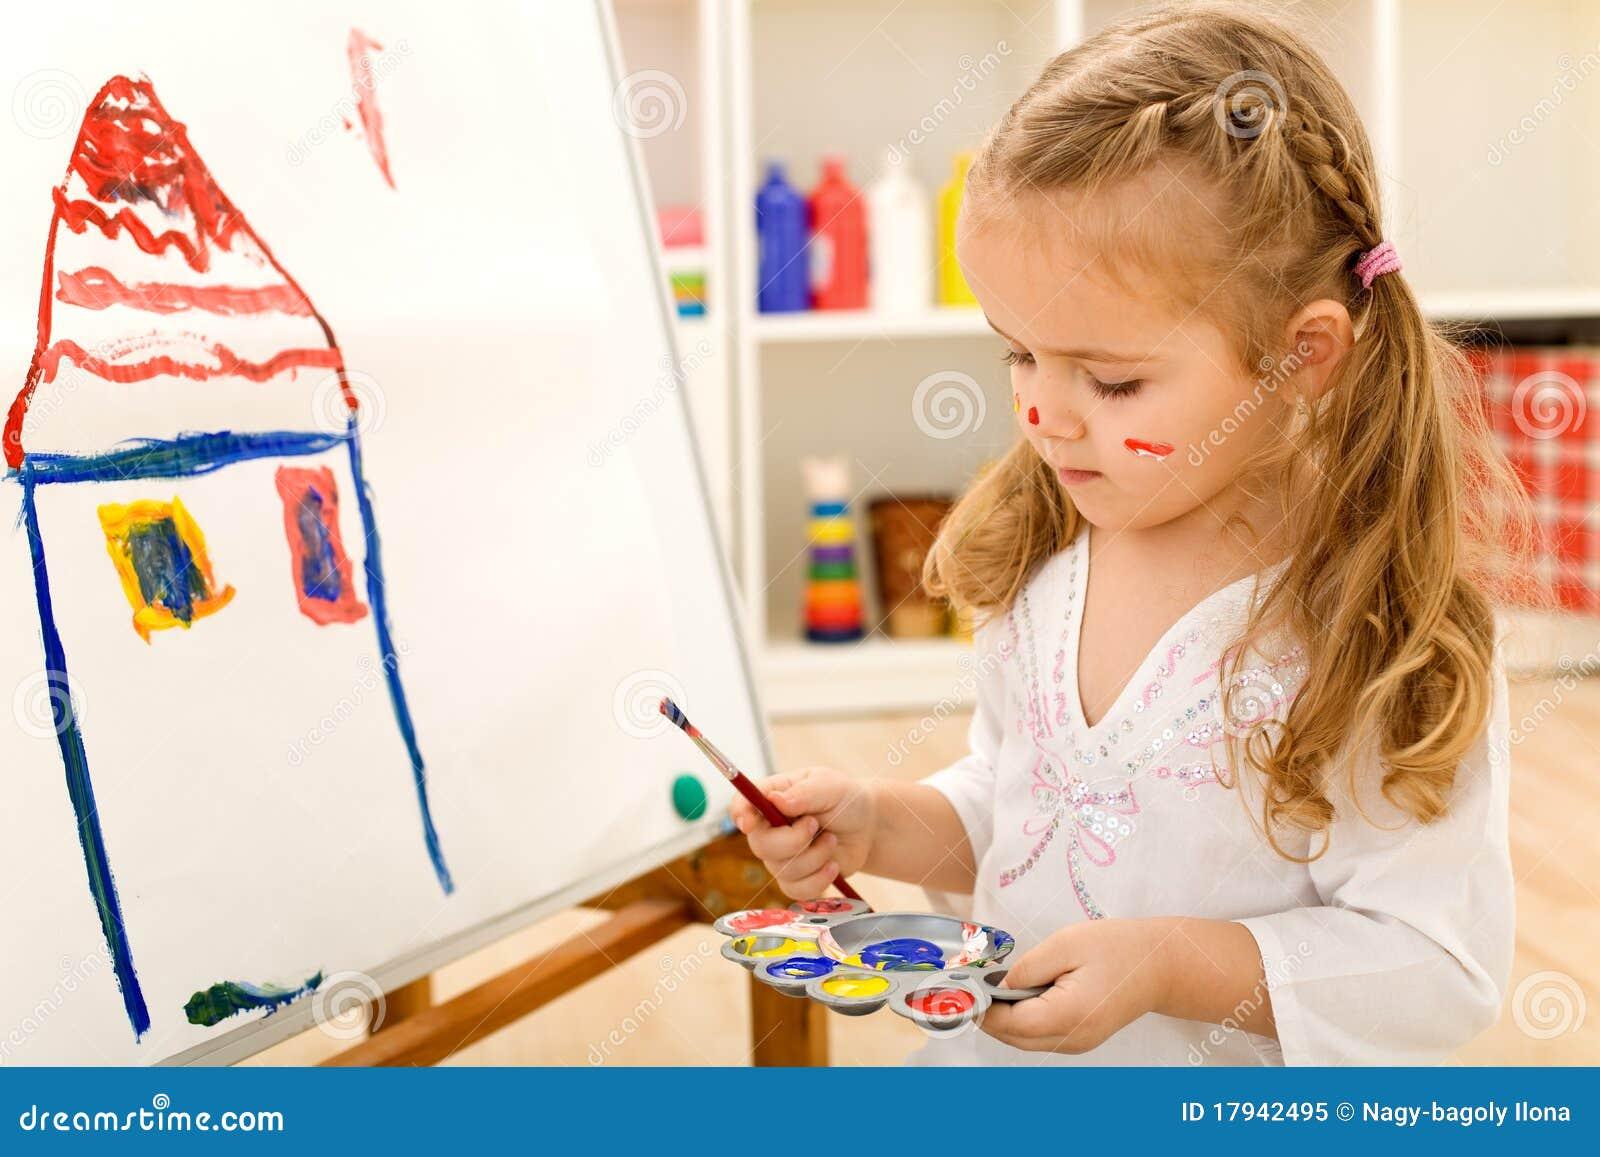 petite peinture de fille d 39 artiste sur la toile de grand papier photo libre de droits image. Black Bedroom Furniture Sets. Home Design Ideas